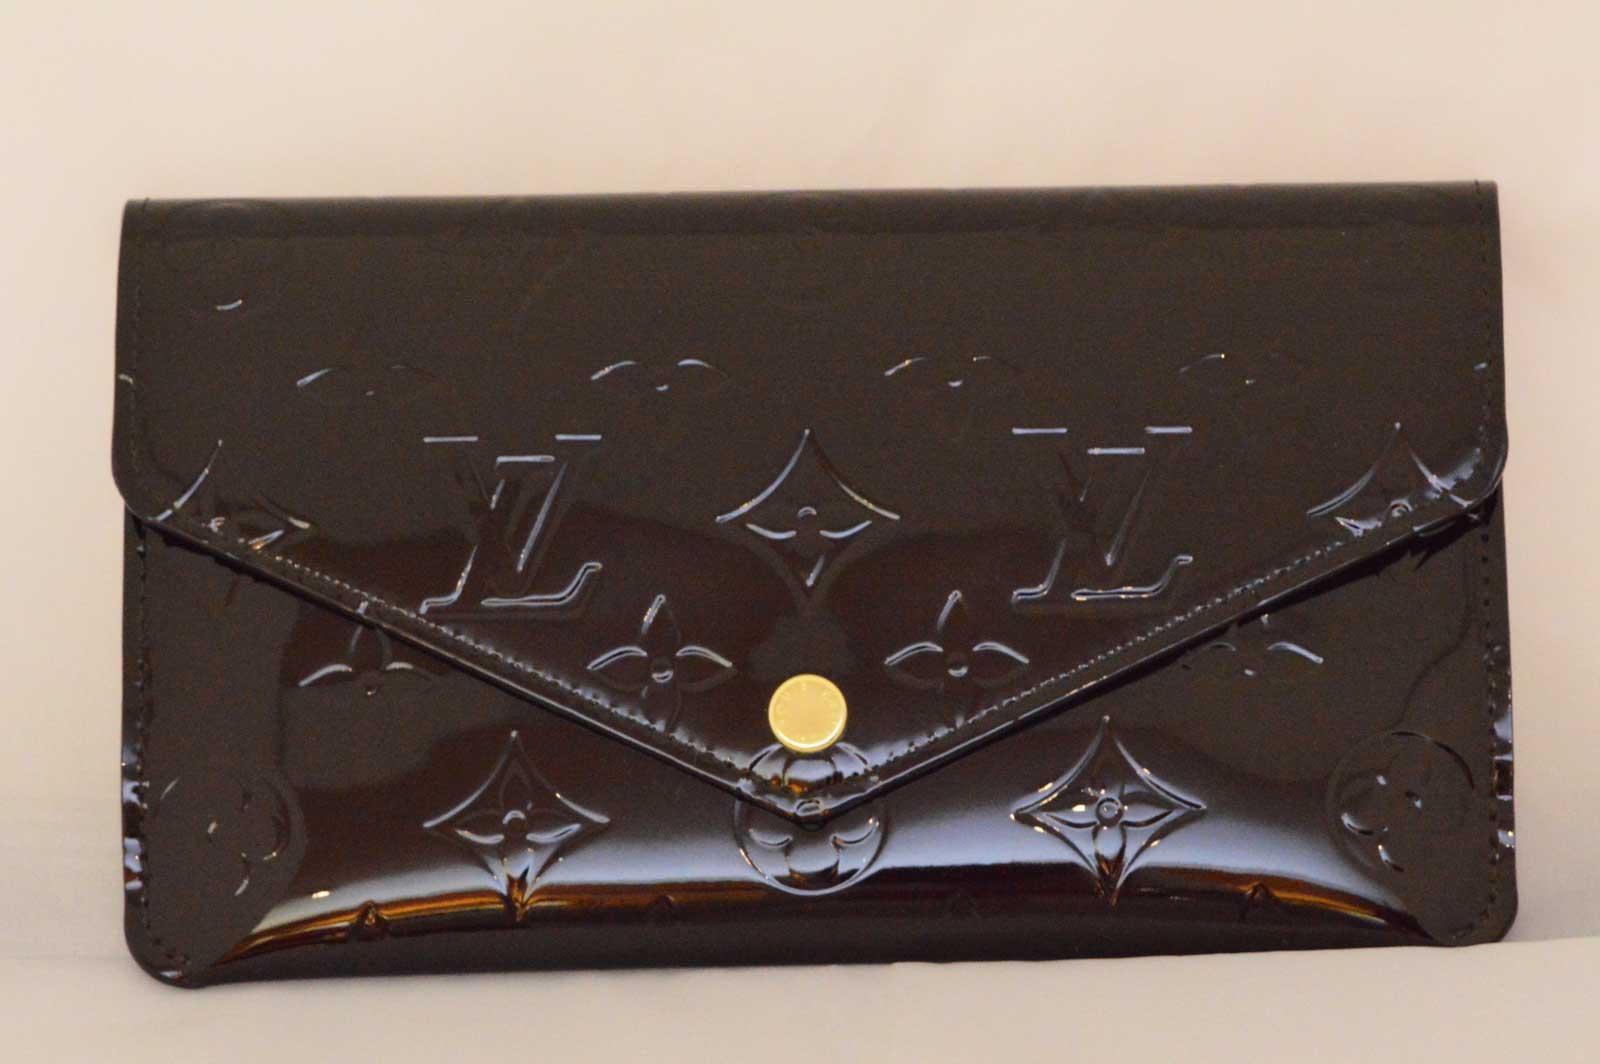 (1243) 【ルイ・ヴィトン】 ルイヴィトン ヴェルニ ポルトフォイユジャンヌ М61688 二つ折り長財布 アマラント 新品同様 [財布] 【新品同様】